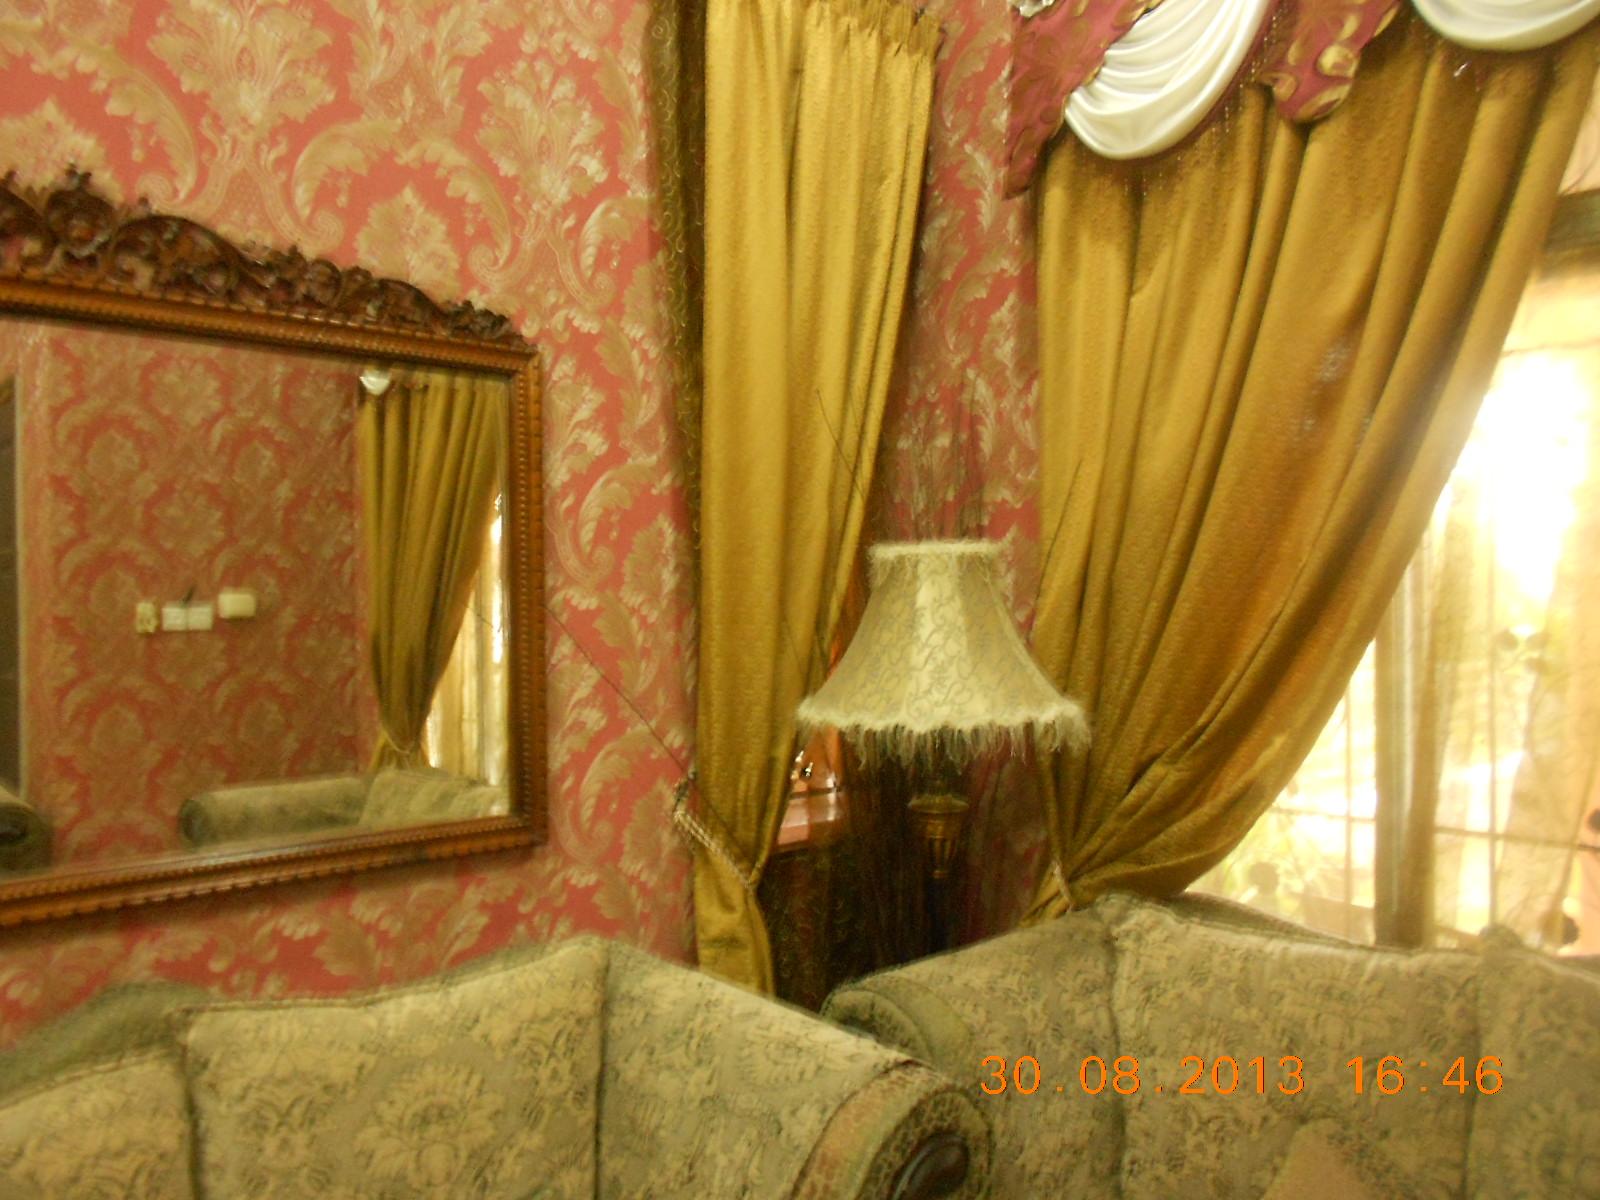 Repair Sofa Shah Alam Indoor Outdoor Sofabord Rumah 3 Tingkat Dengan Wallpaper Mewah Baiti Jannati Deco